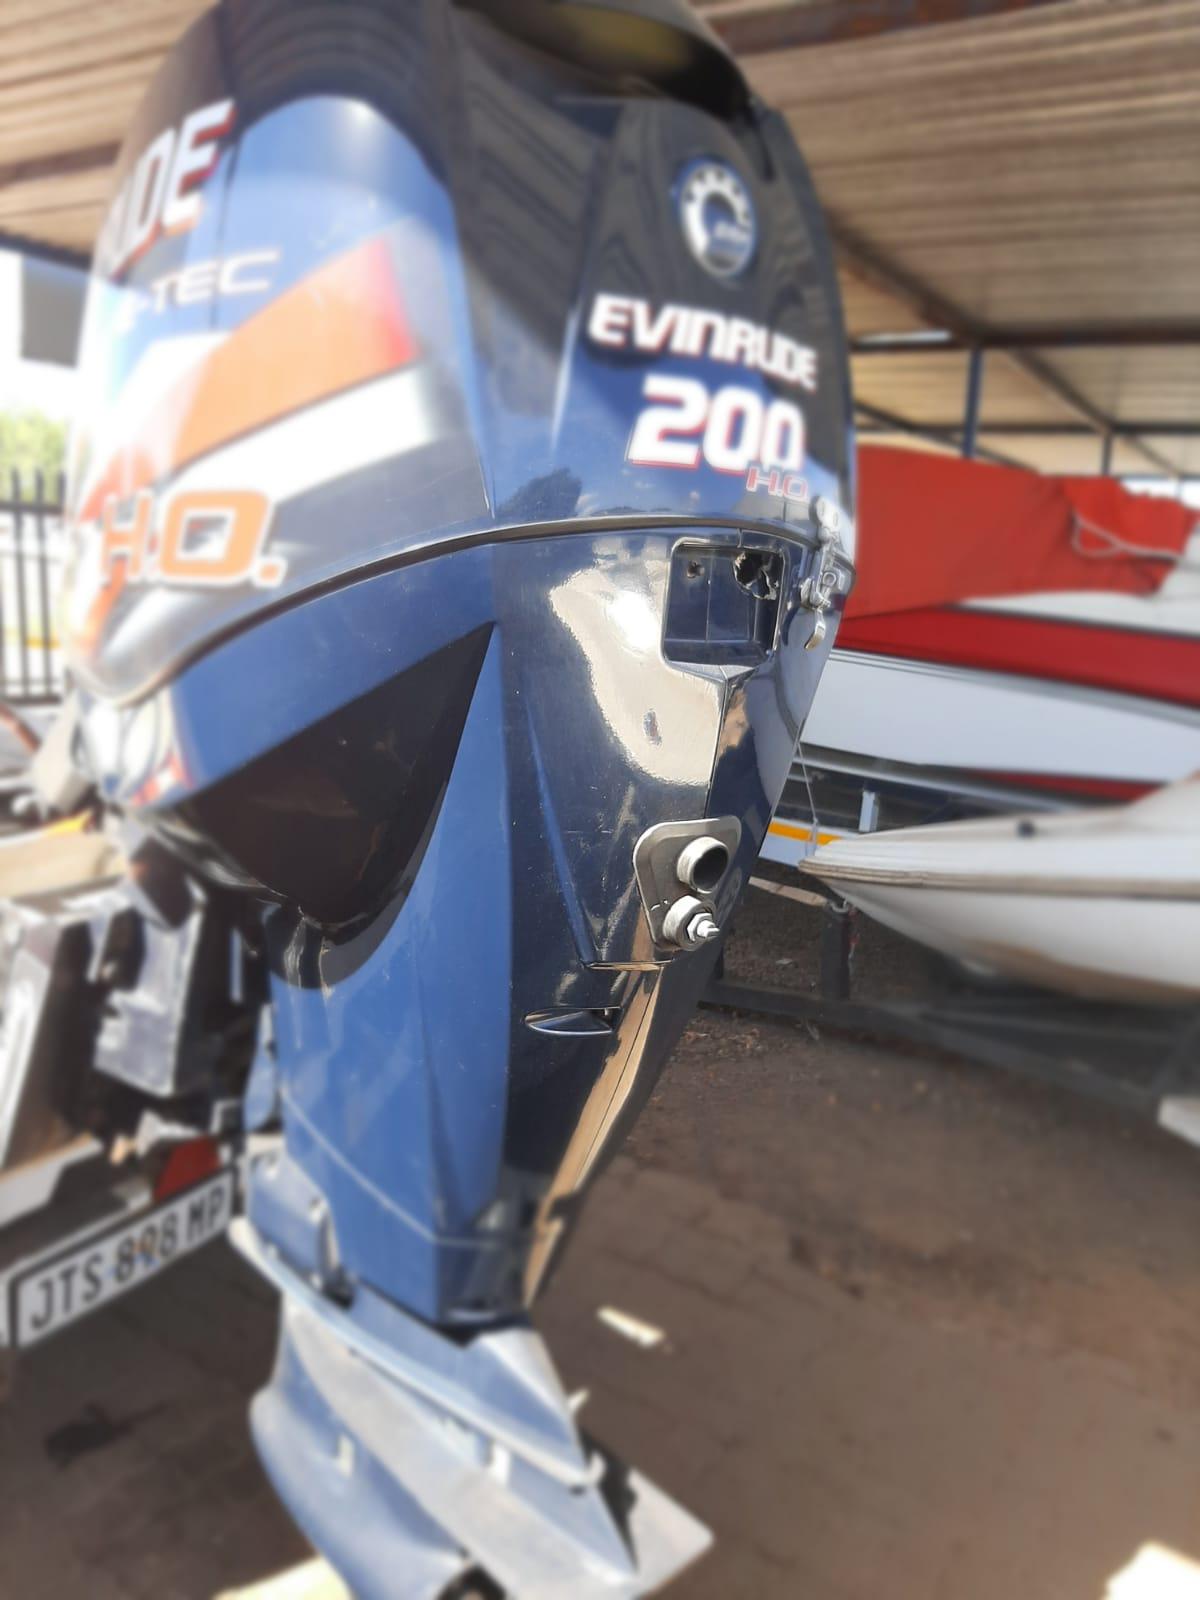 EVINRUDE 200 2011